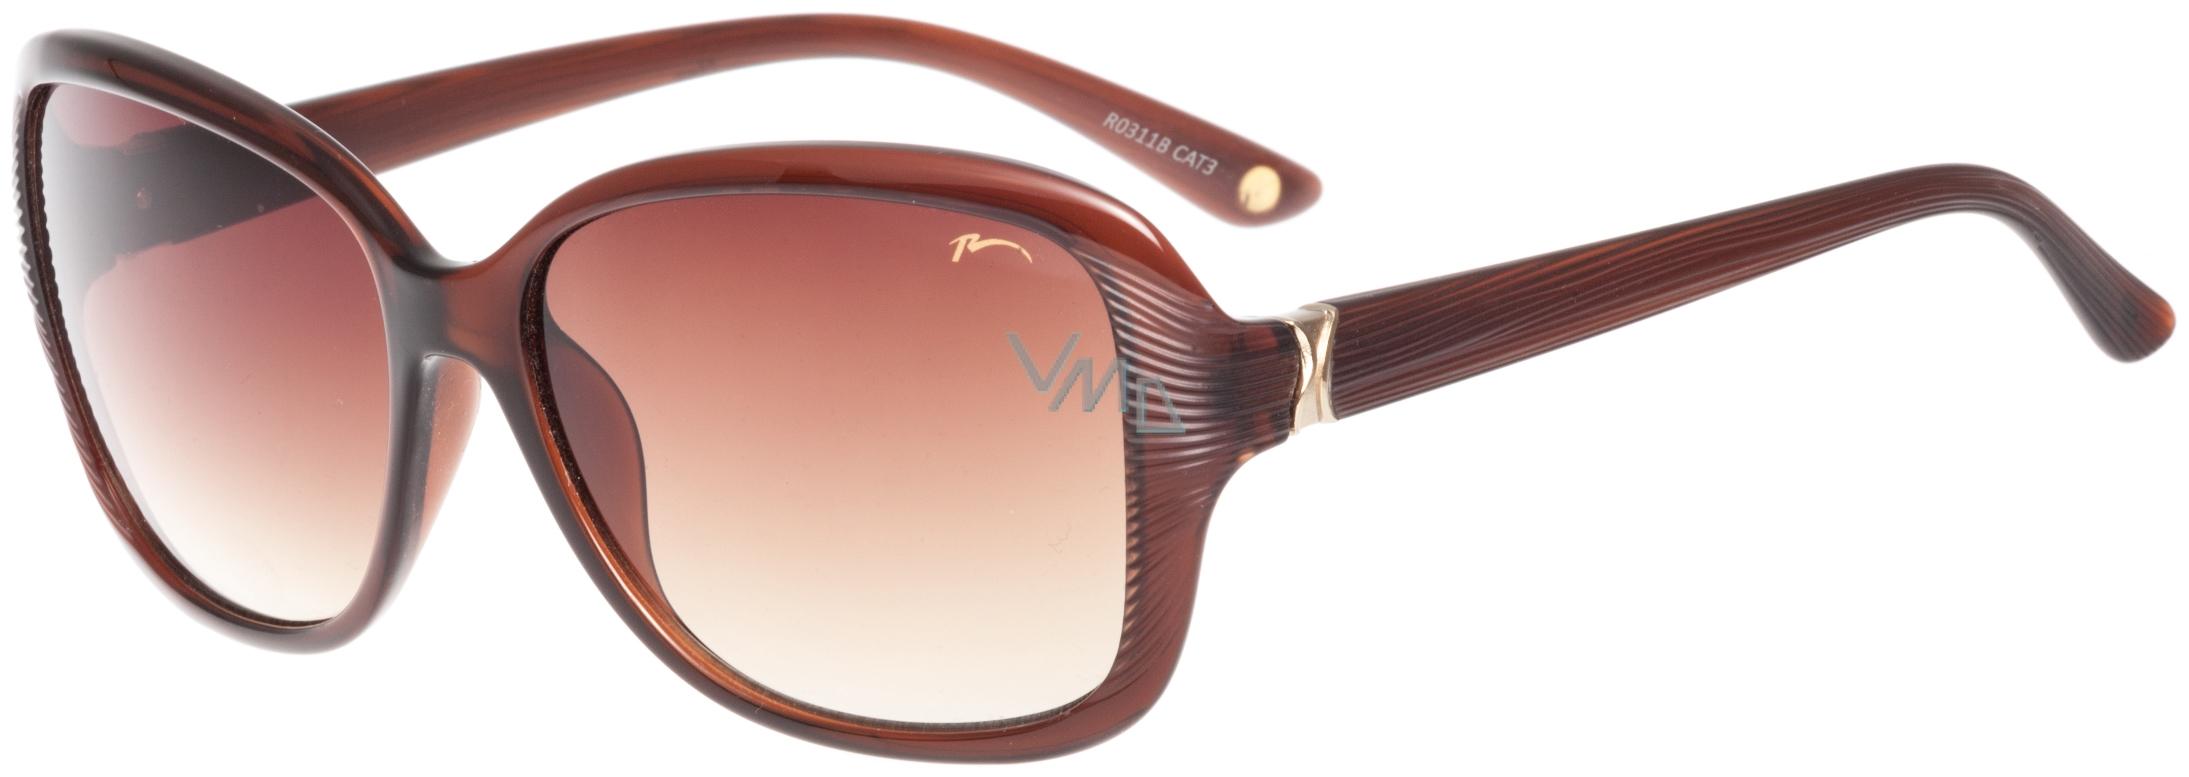 b02d22197 Relax Pole Sluneční brýle R0311B - VMD drogerie